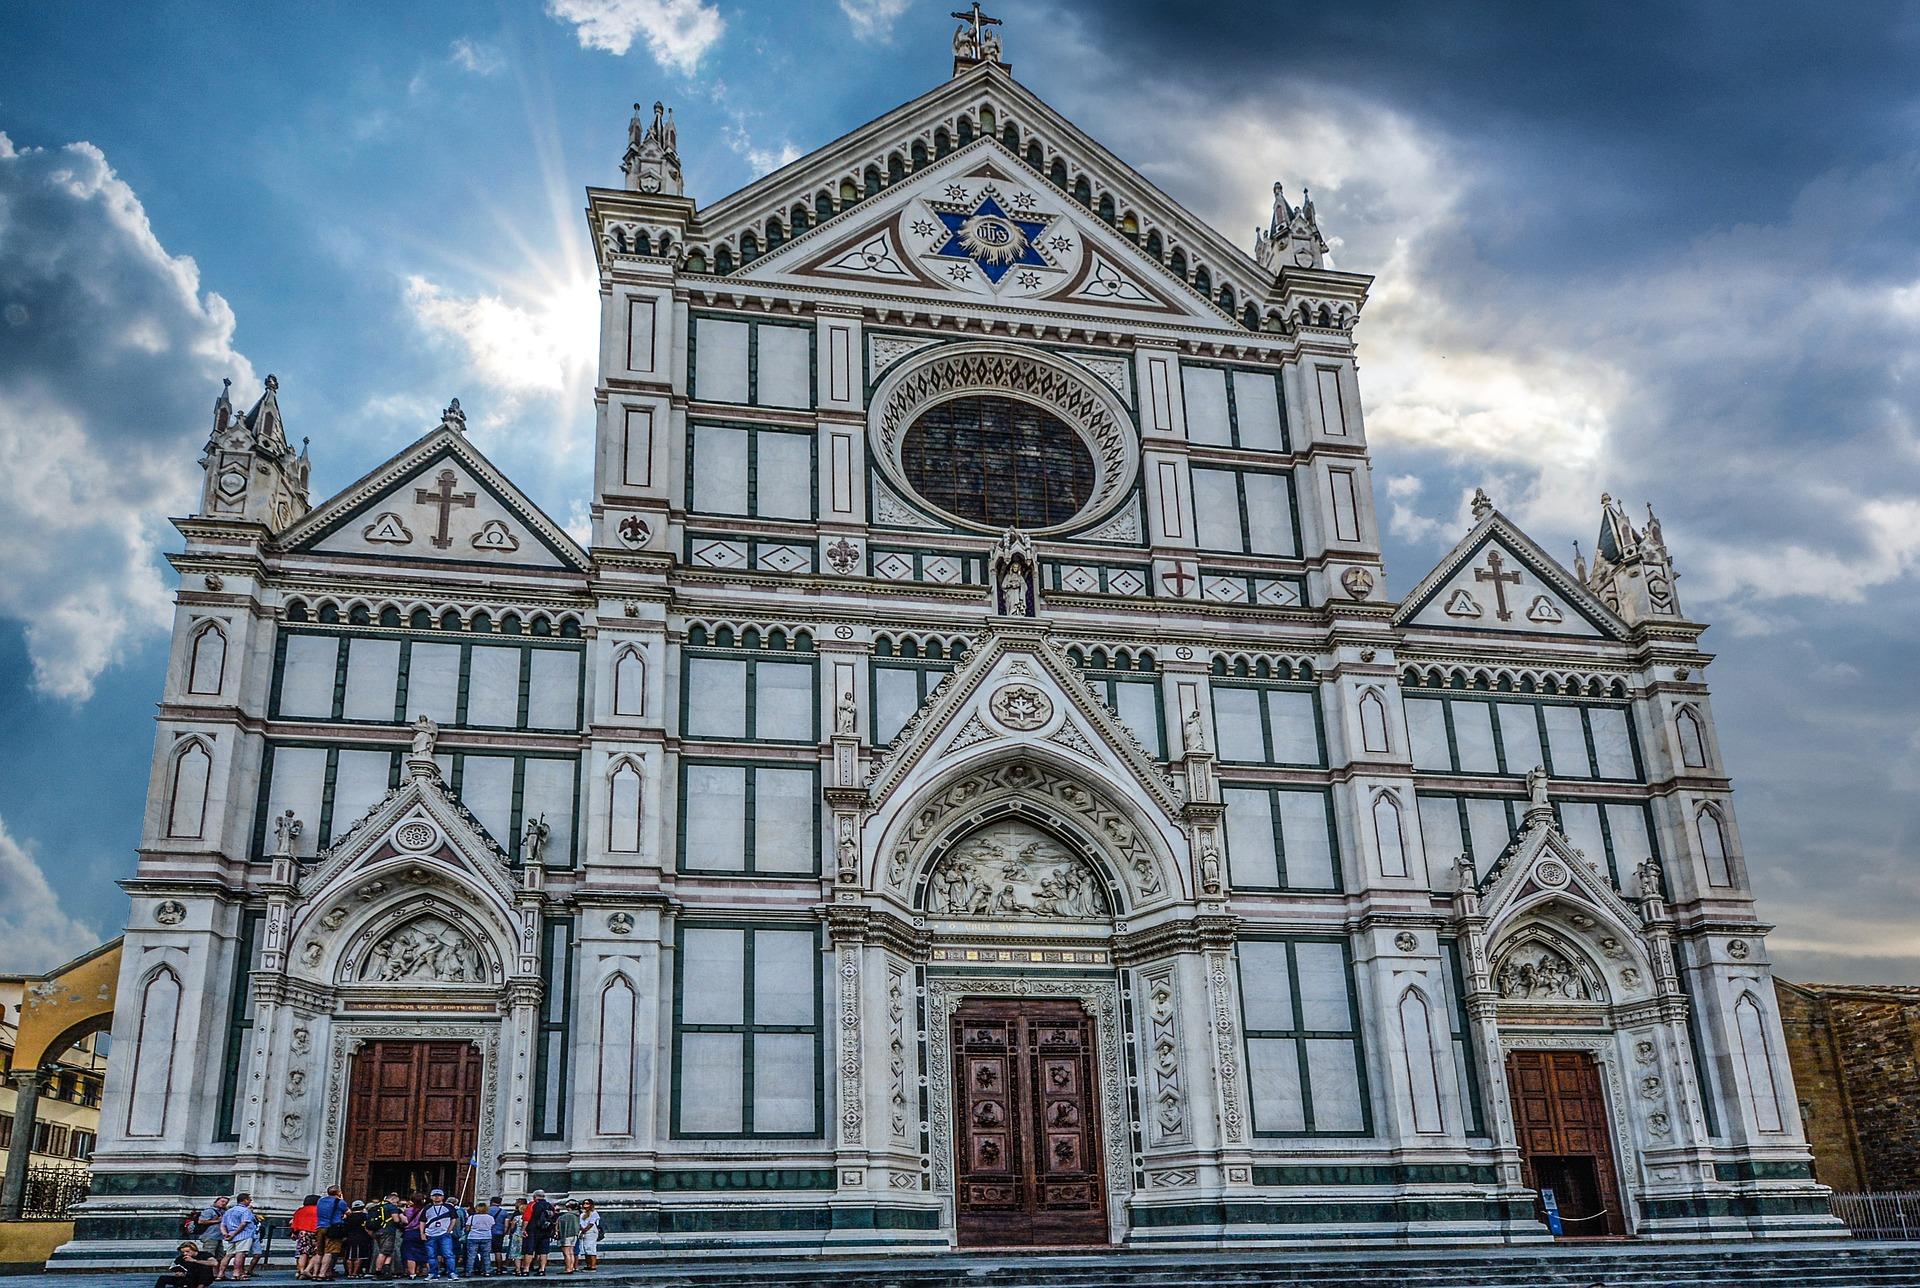 Visite de la basilique de Santa Croce à Florence